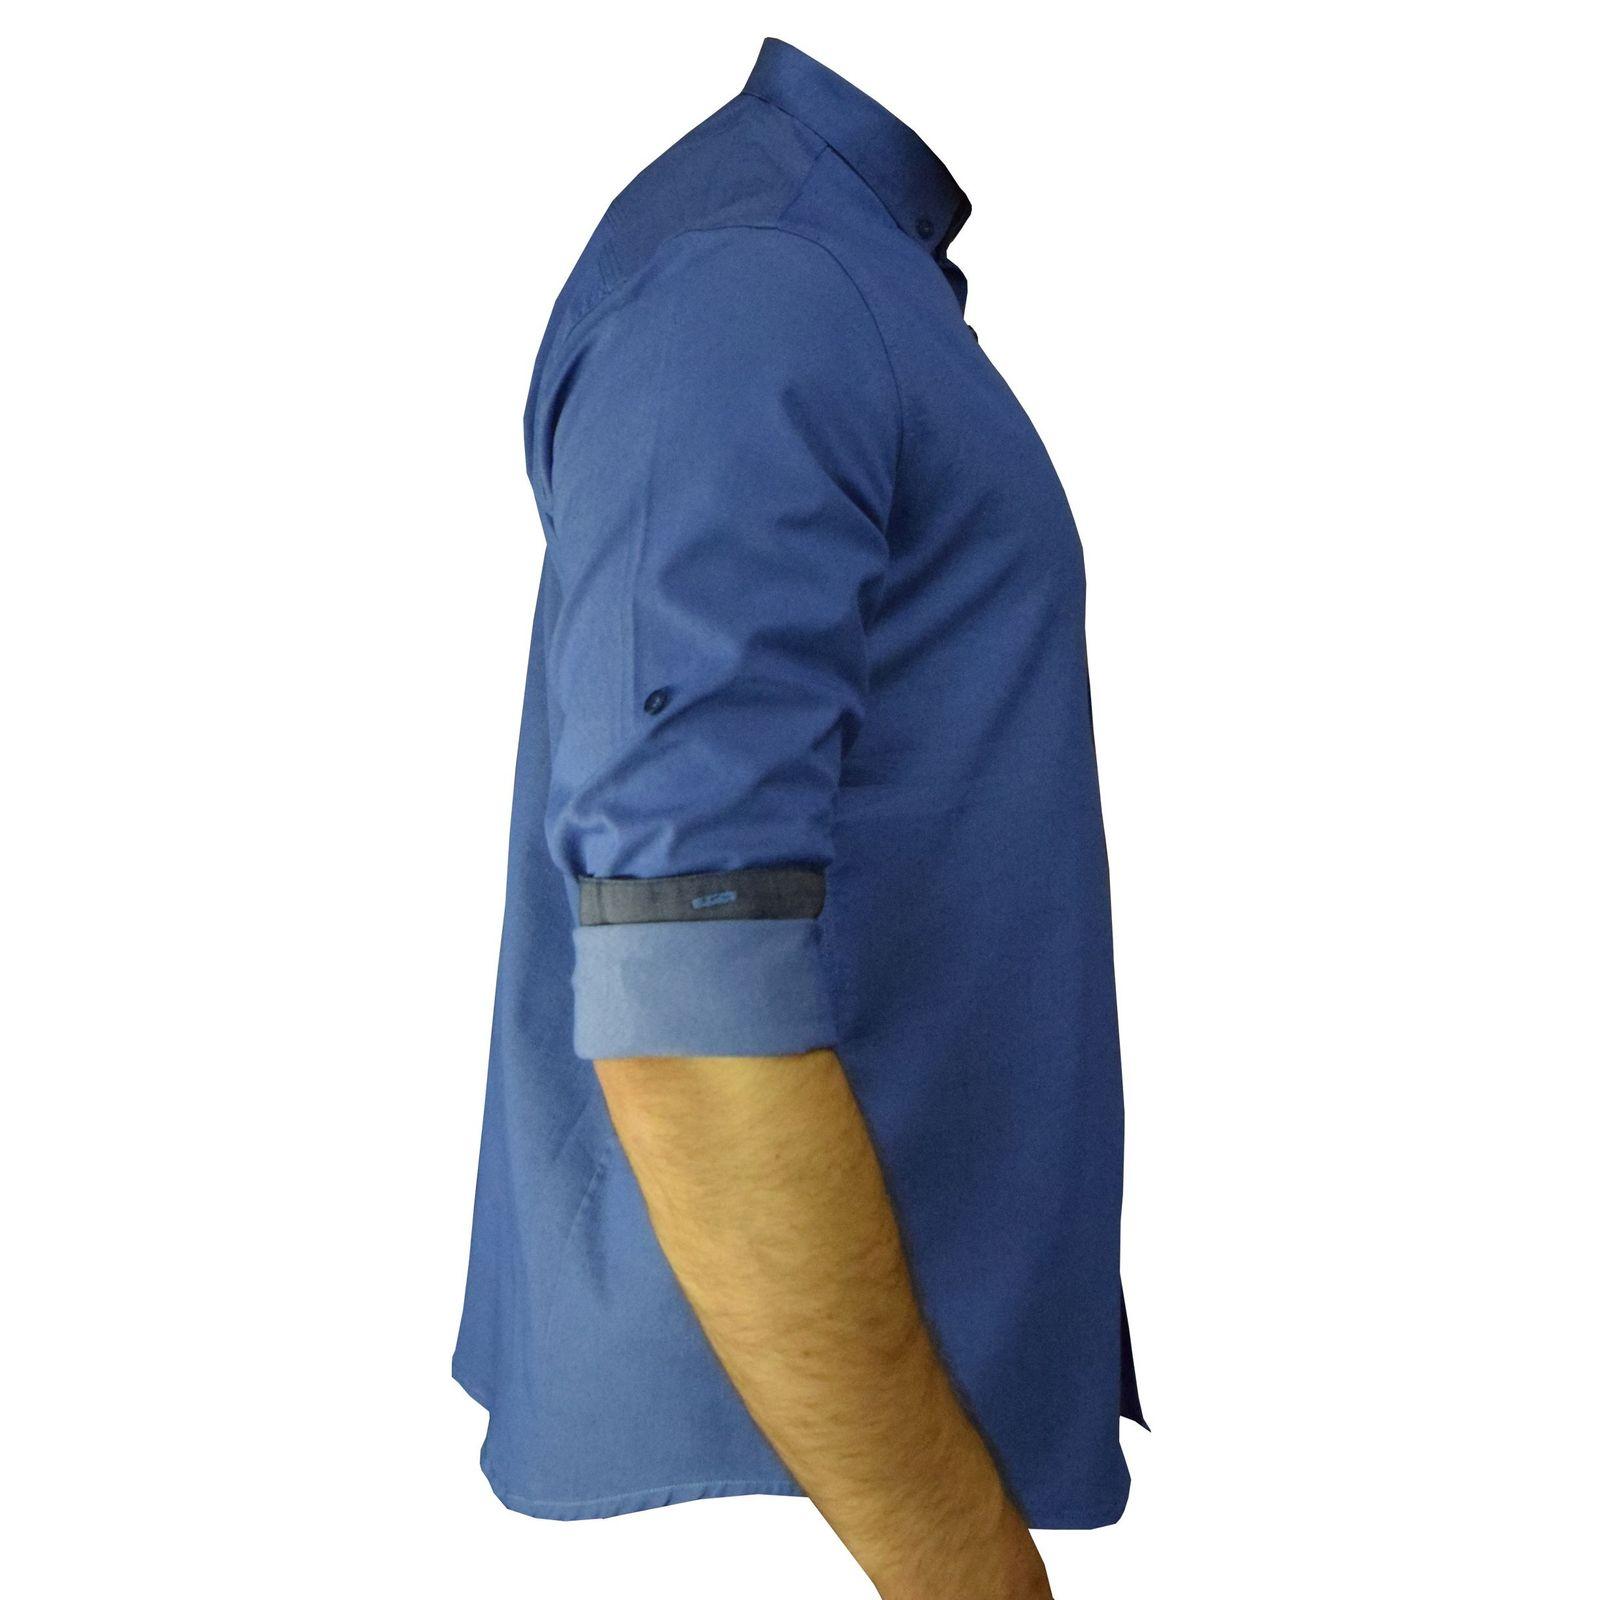 پیراهن مردانه پایتی جامه کد 1891615 main 1 3